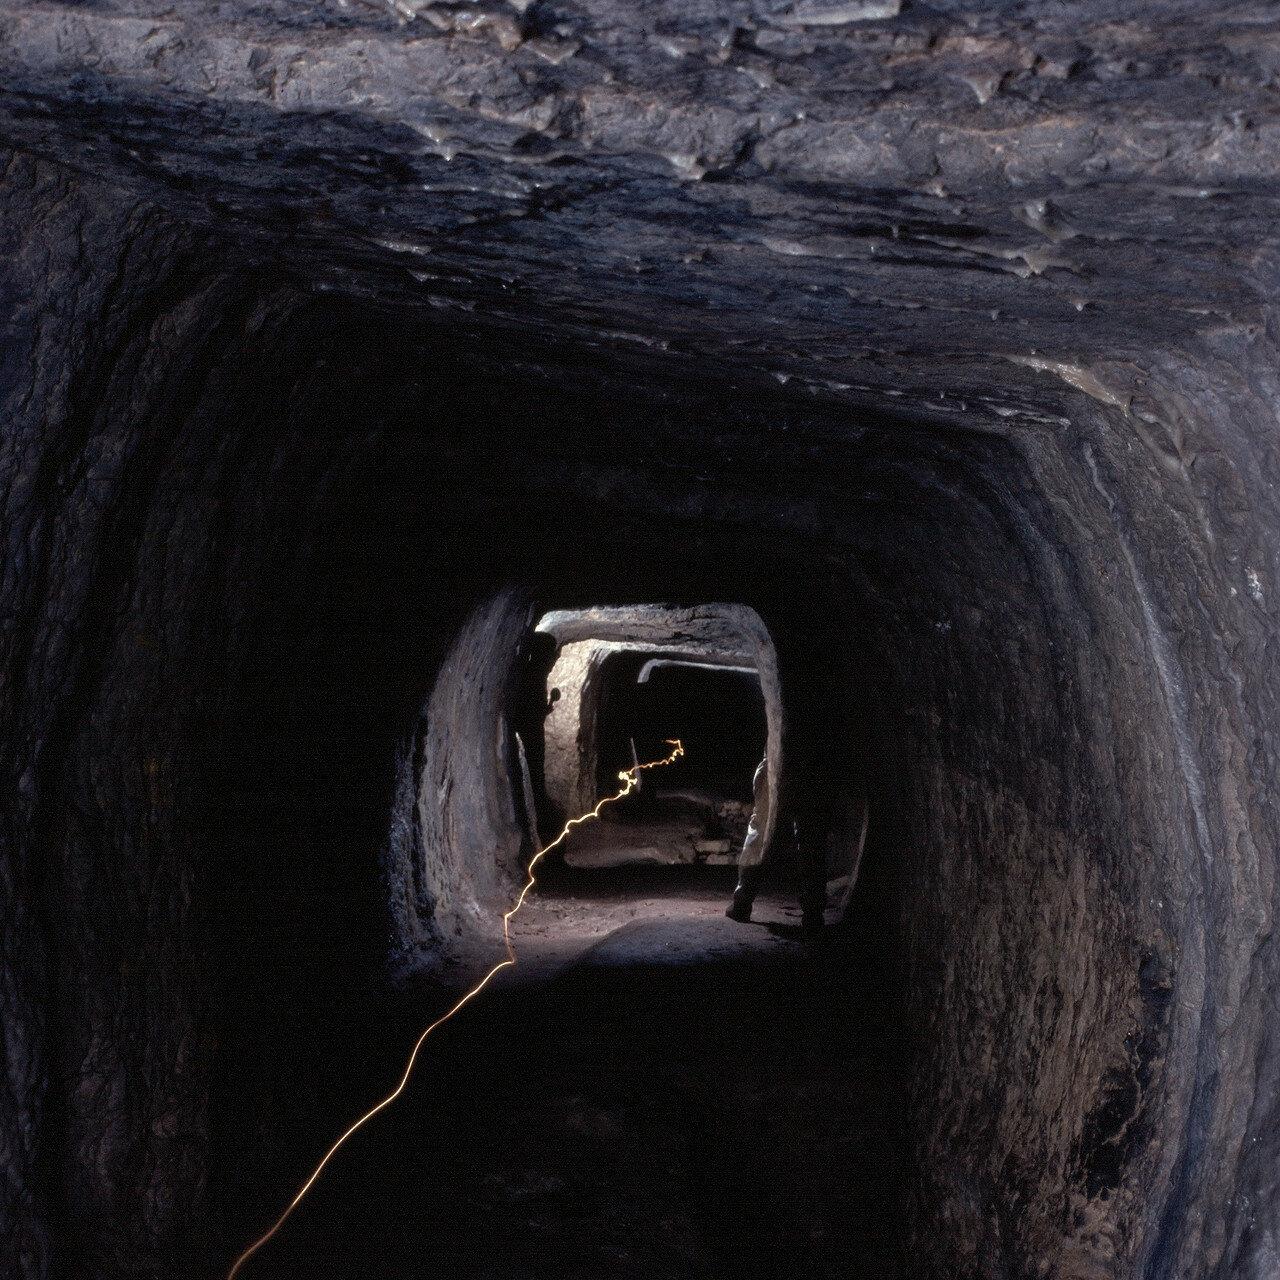 Самос. Питагорион. Подземный акведук Поликрата VI в. до н.э. 1964